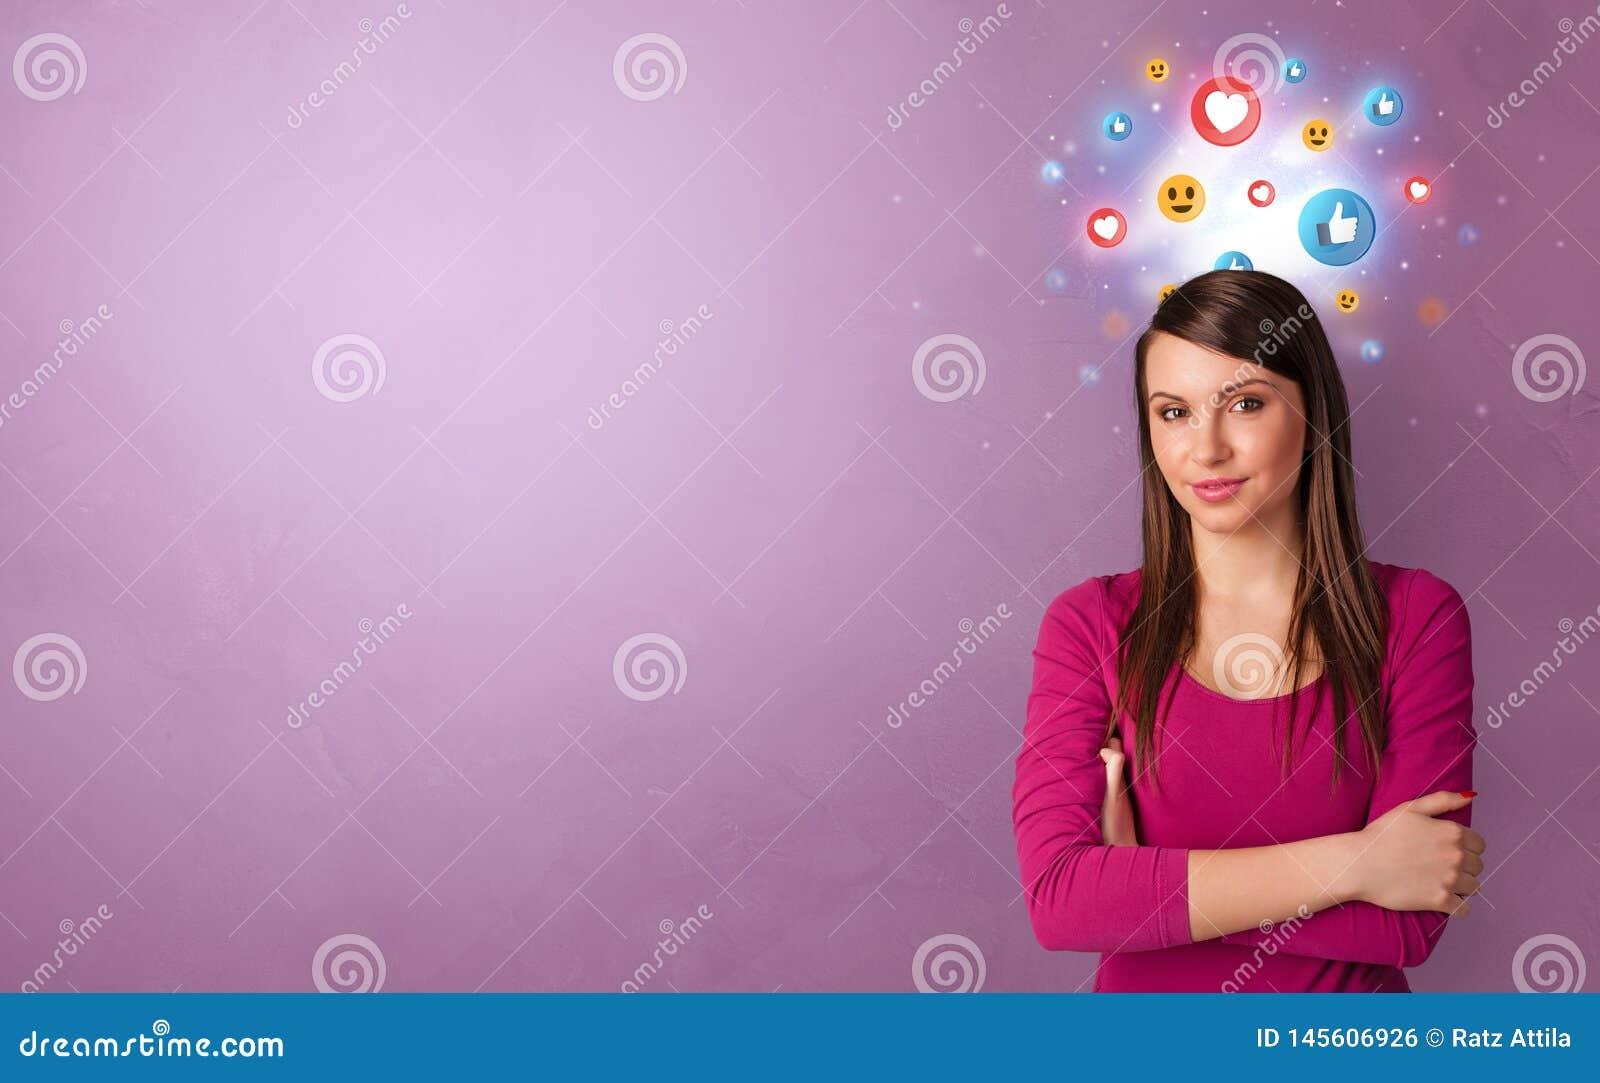 Bedrijfspersoon die zich met sociaal media concept bevinden